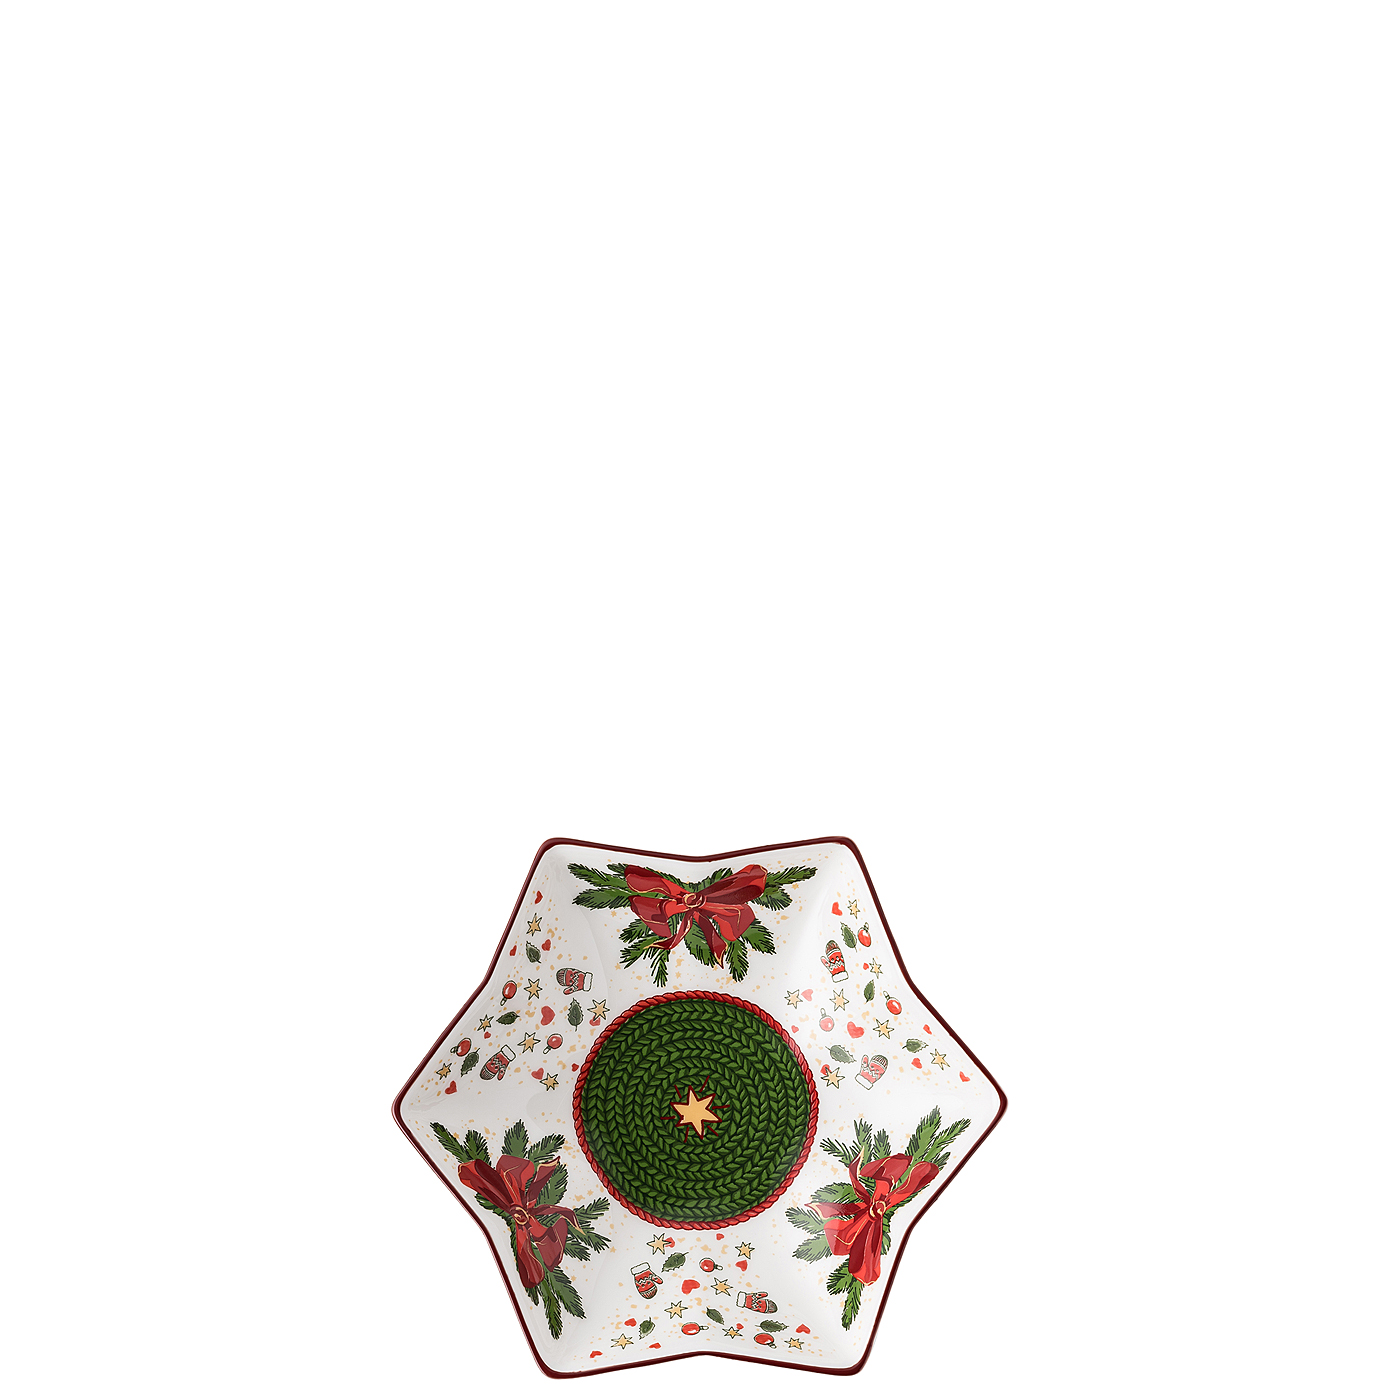 Sternschale 15 cm Nora Weihnachtszeit Hutschenreuther